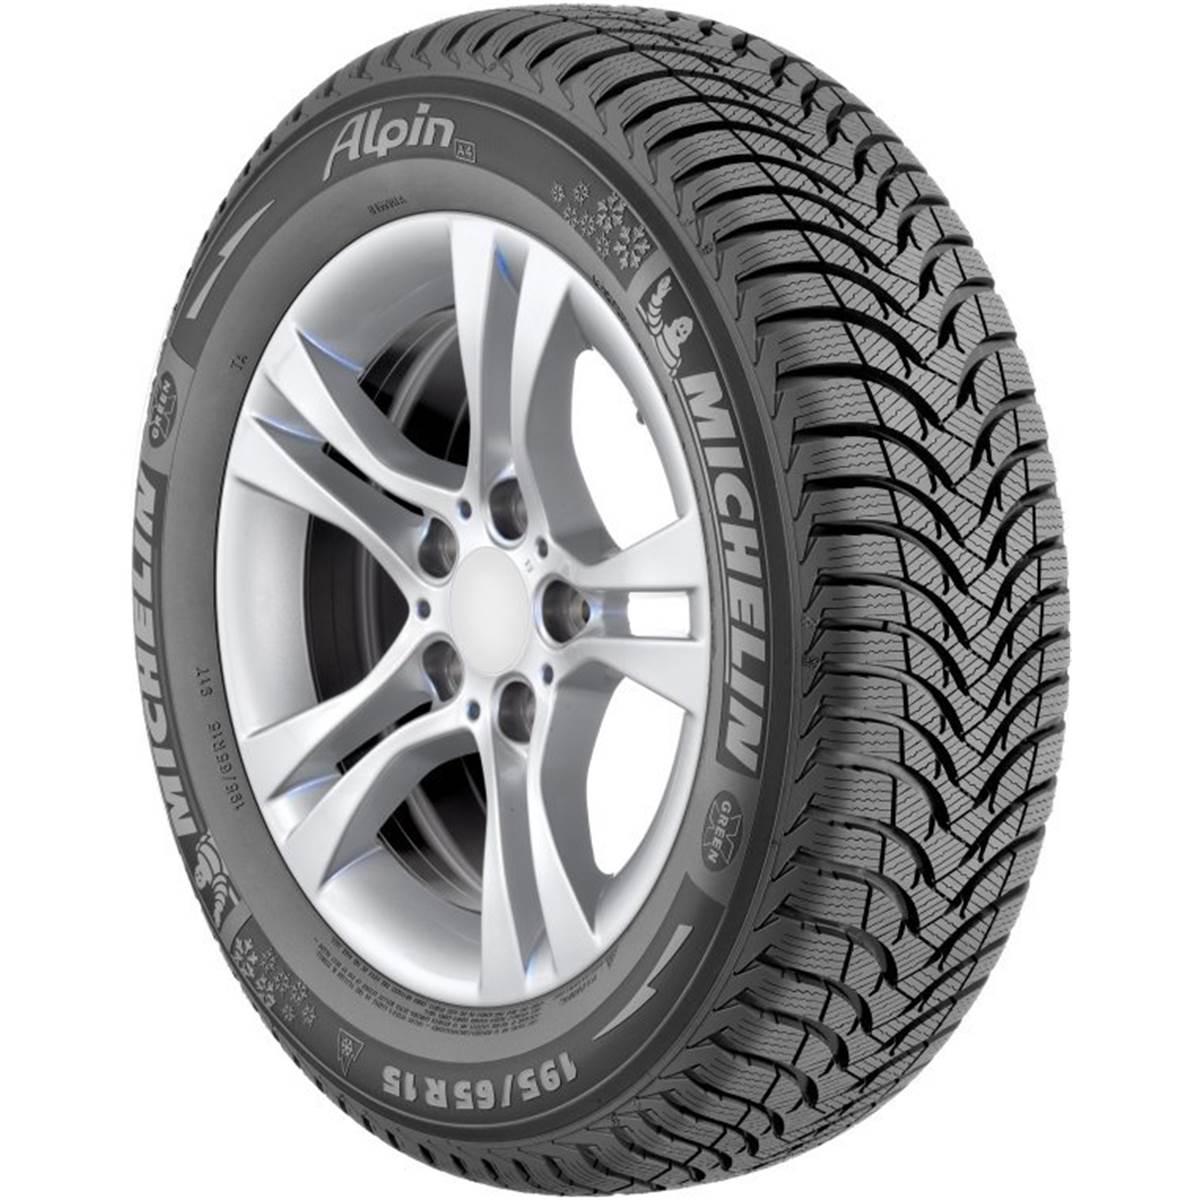 Michelin Alpin A4 pneu